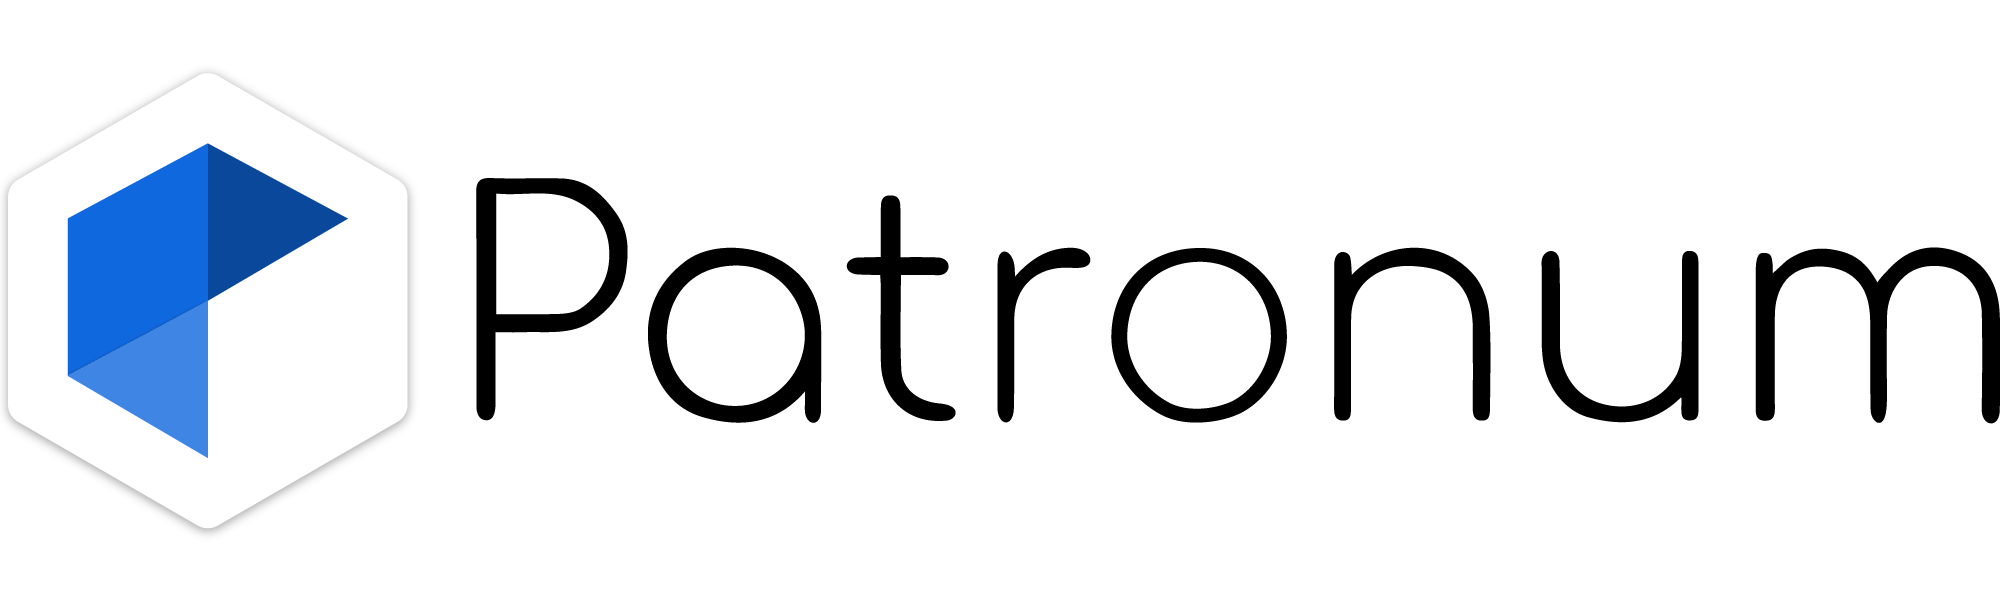 Patronum logo